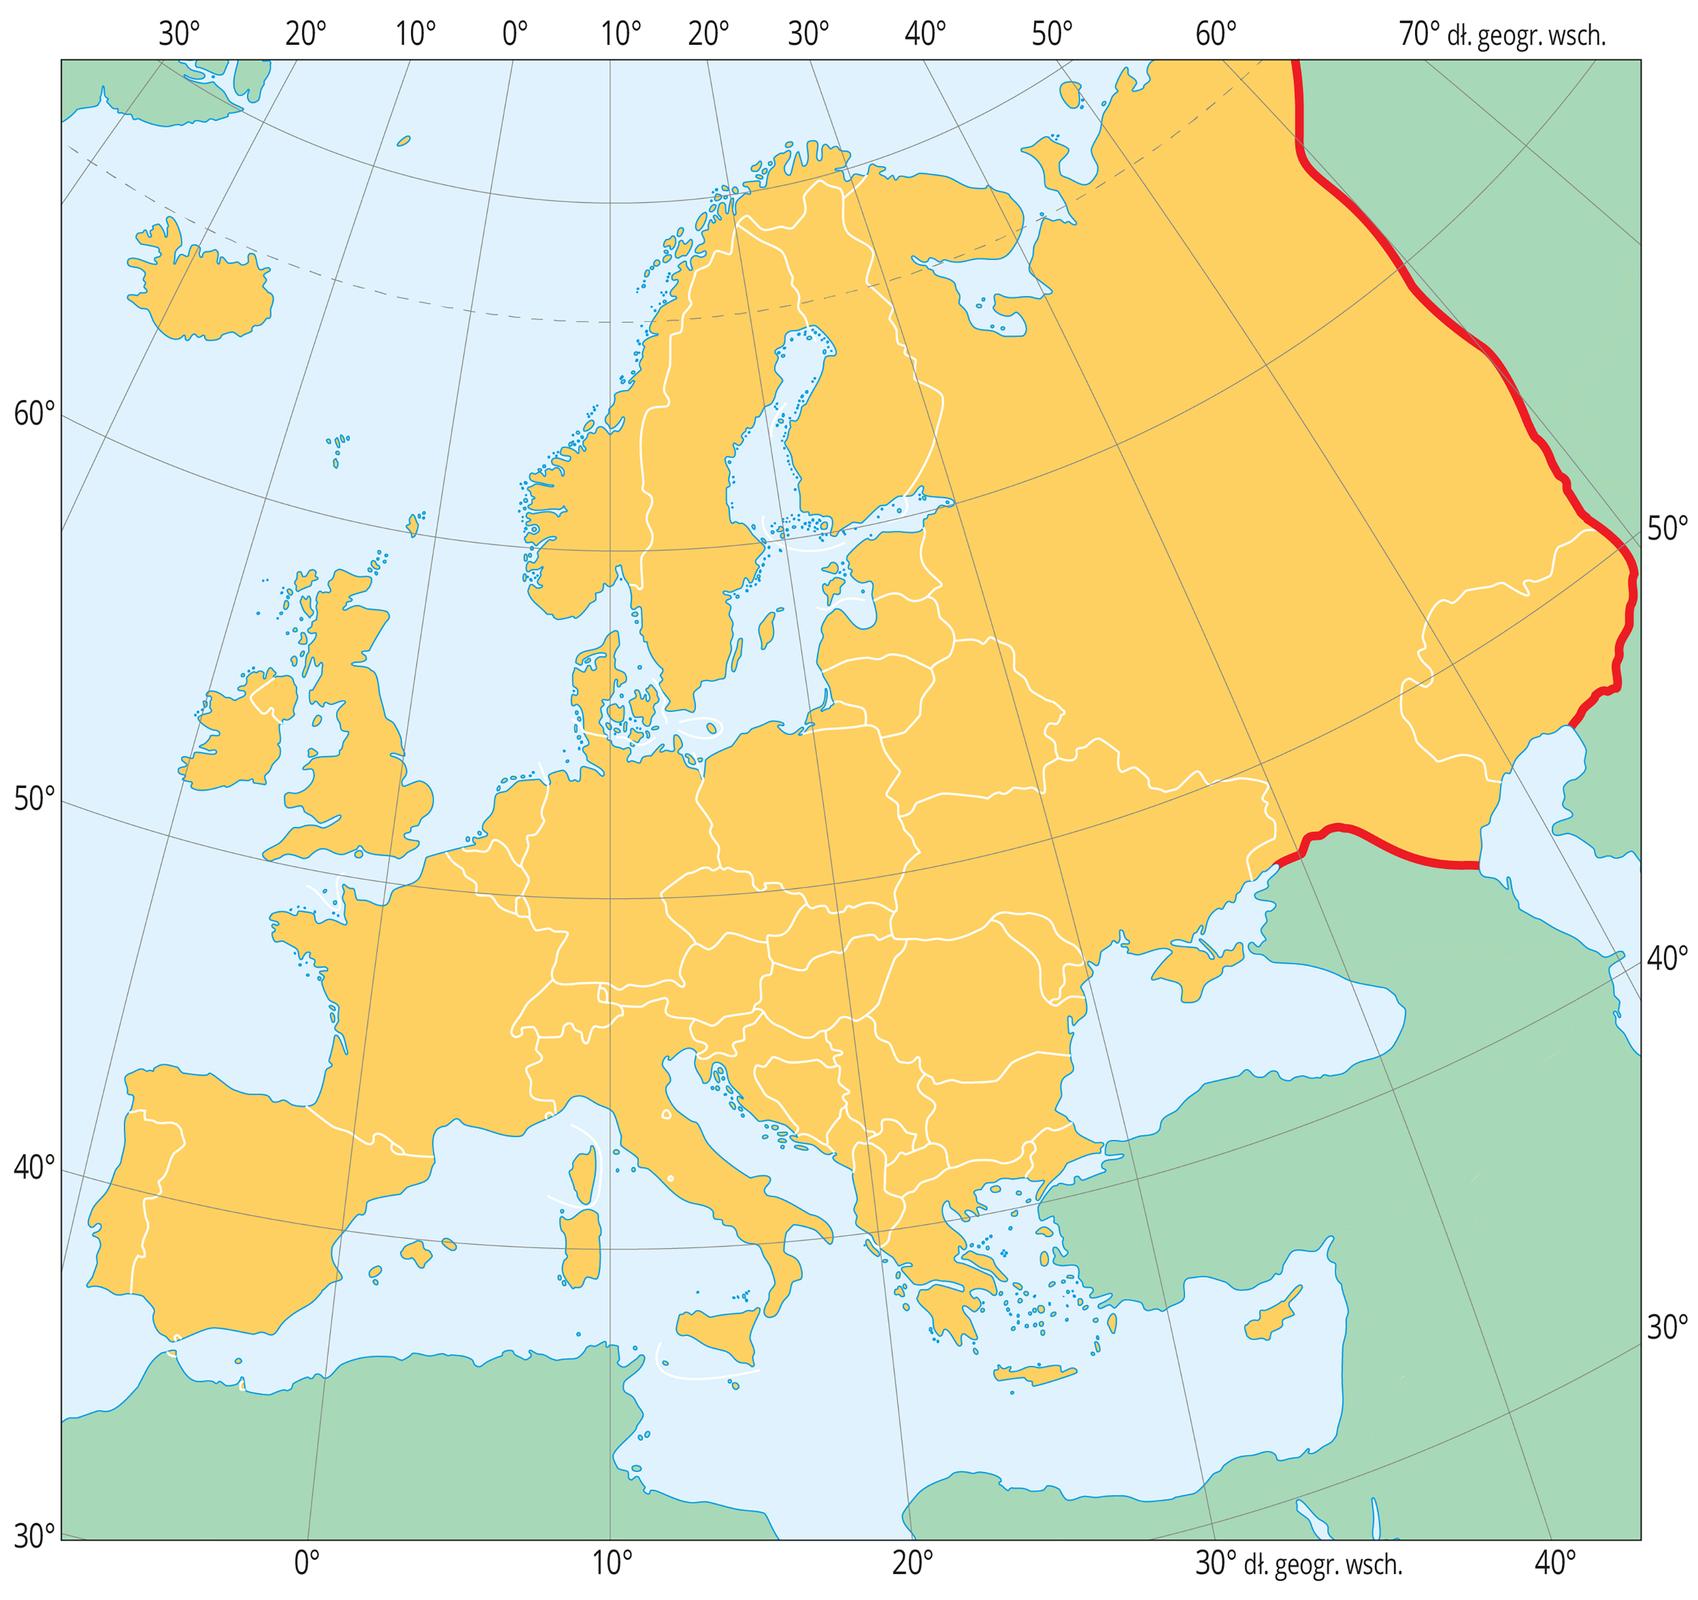 Mapa przedstawia Europę oznaczono na brązowo. Inne kontynenty są szare. Pomiędzy Europą, aAzją narysowano czerwona linię oddzielającą te dwa kontynenty.